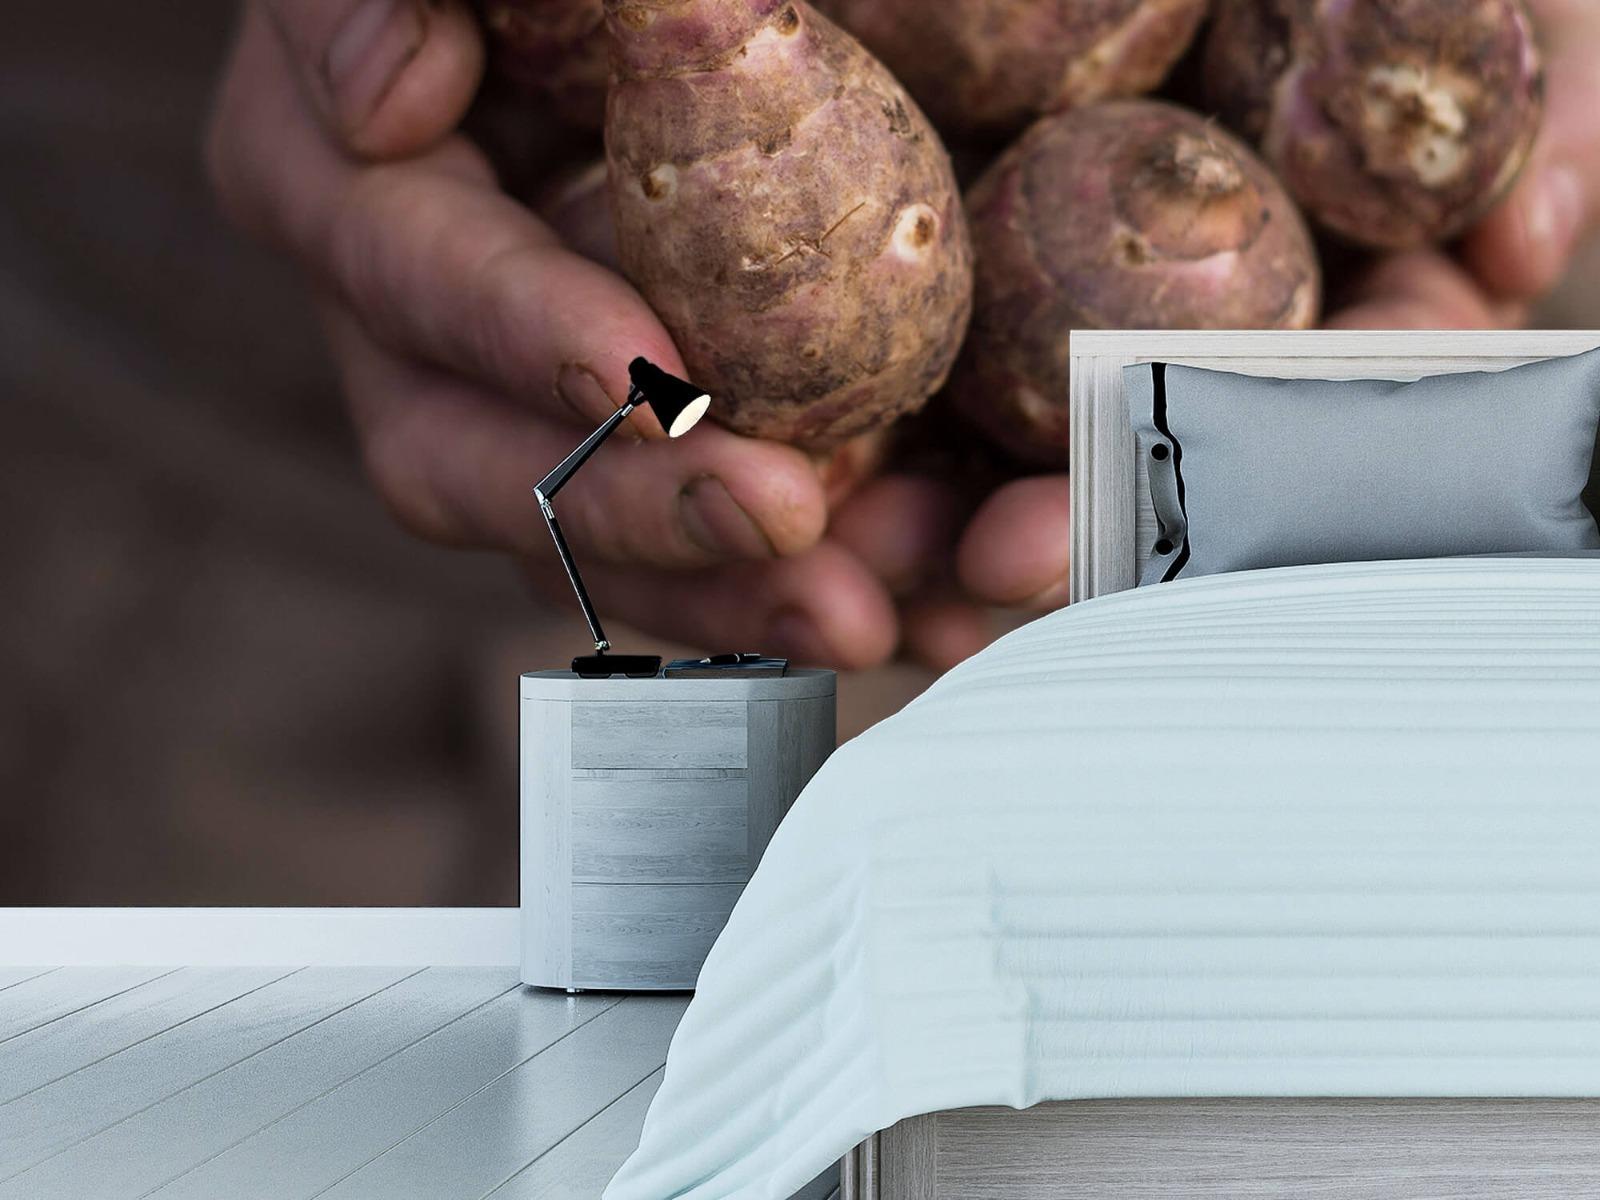 Overige - Aardproducten - Keuken 12